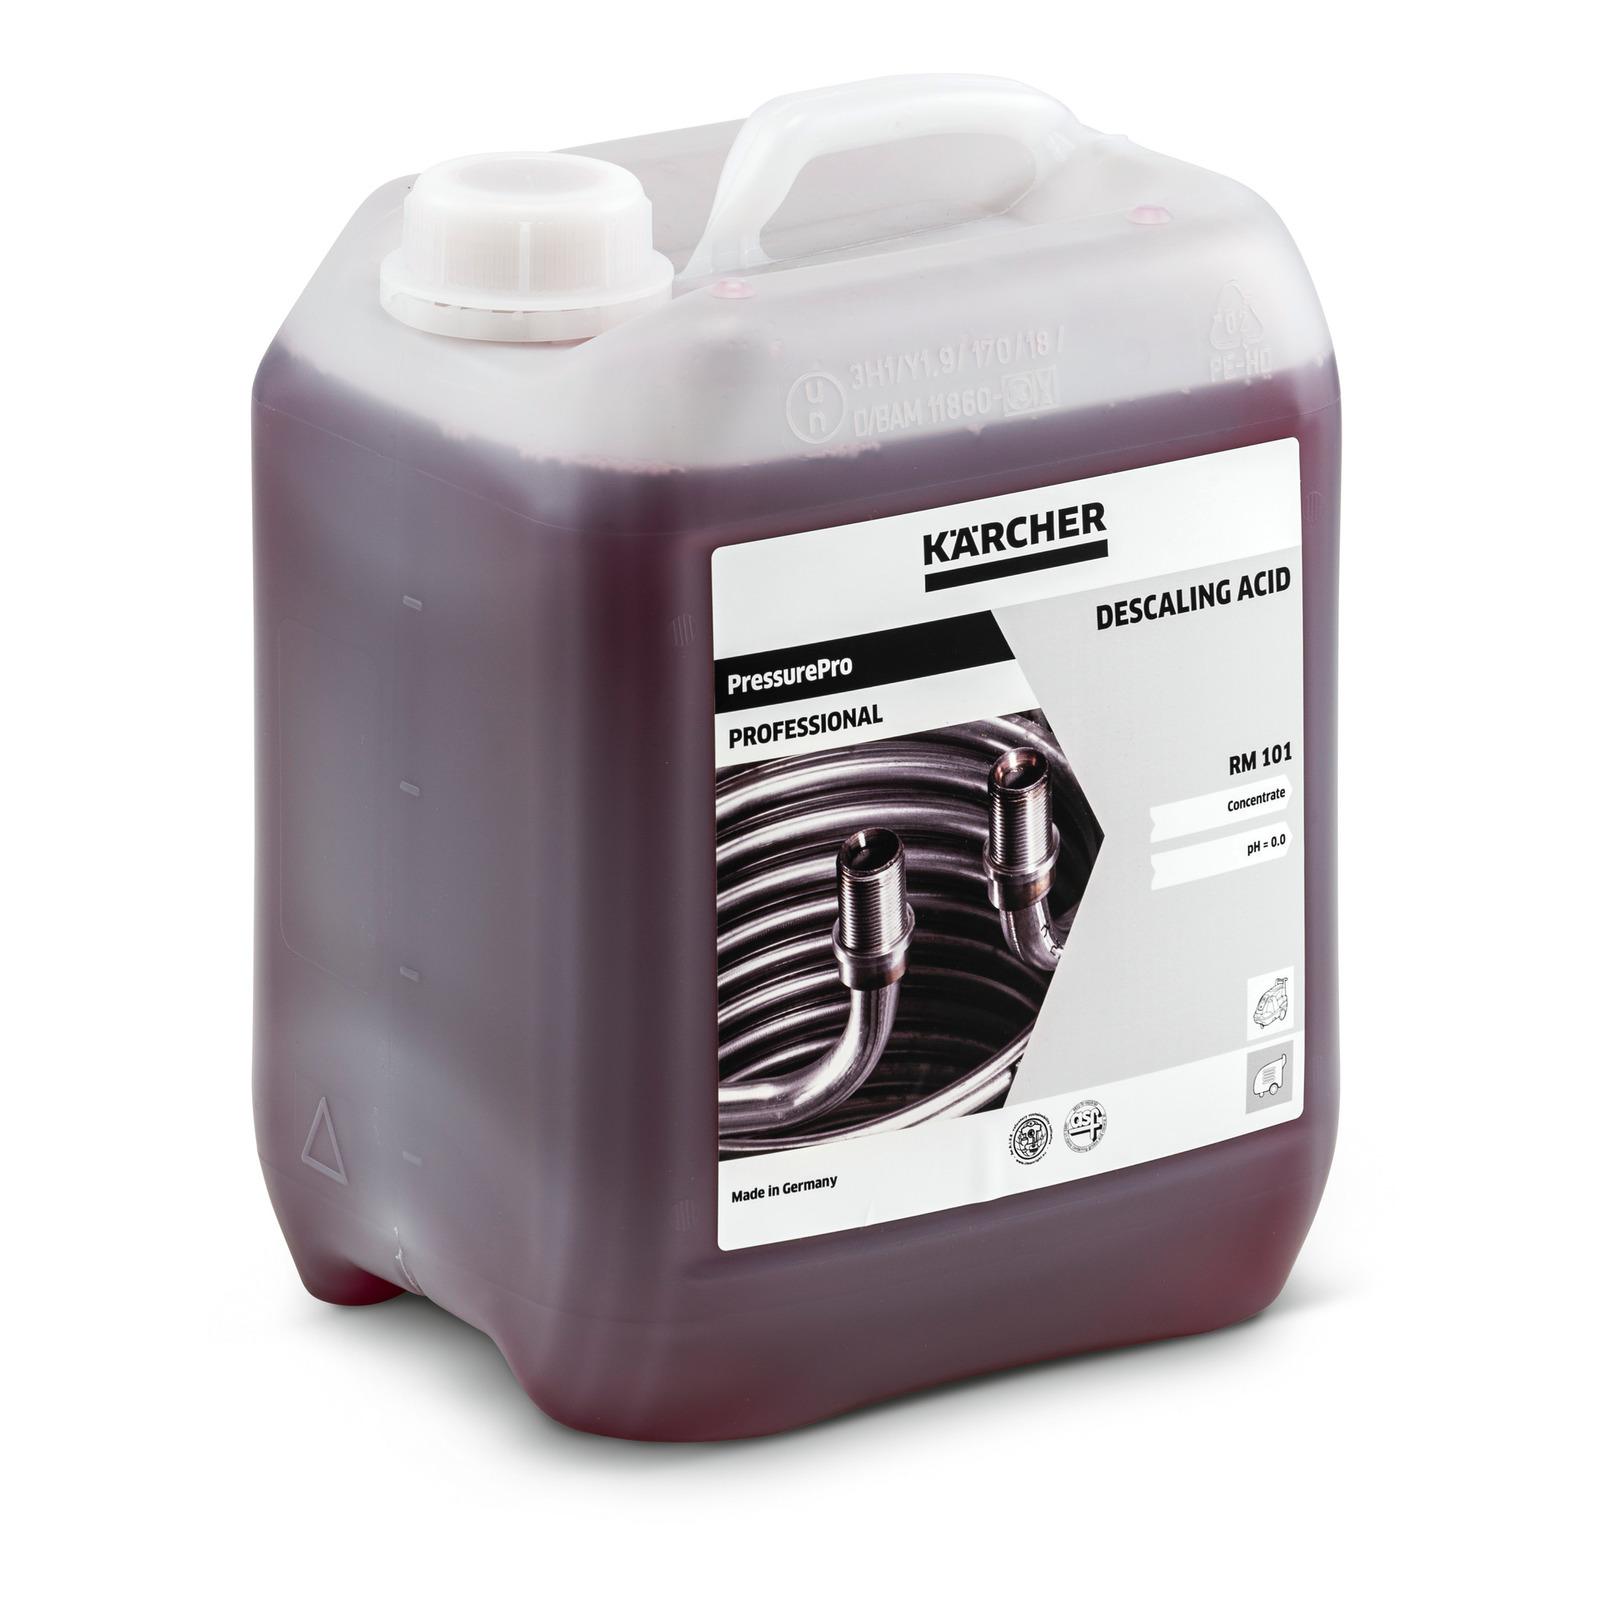 Acide d tartrant rm 101 asf avec acide chlorhydrique k rcher - Deboucher canalisation avec acide chlorhydrique ...